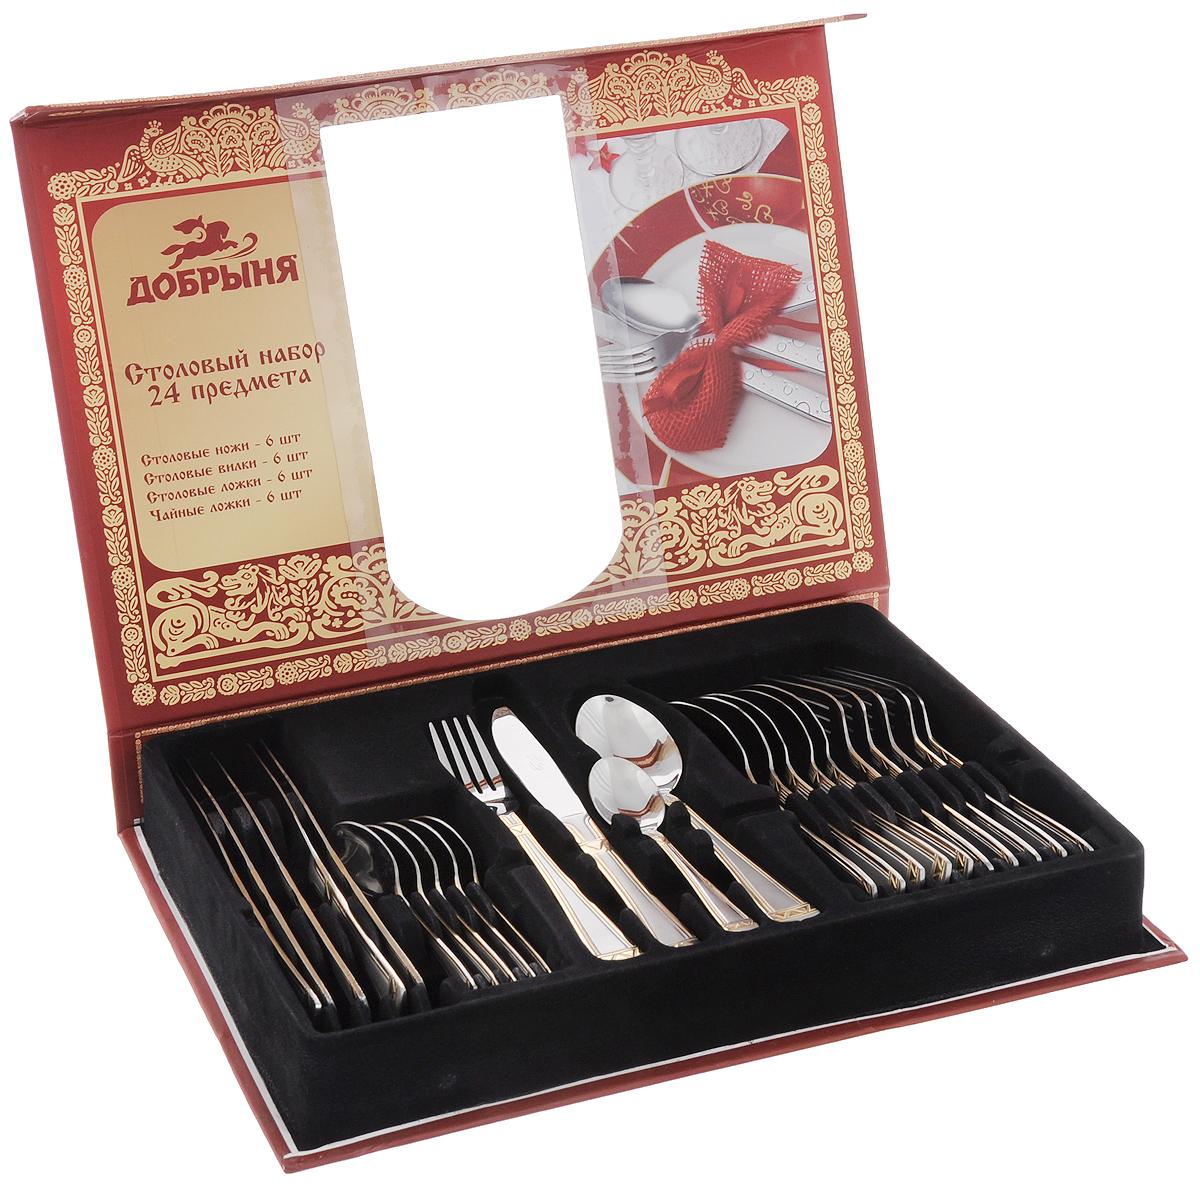 Набор столовых приборов Добрыня, 24 предмета. DO-1901DO-1901Набор Добрыня состоит из 24 предметов: 6 столовых ножей, 6 столовых ложек, 6 вилок и 6 чайных ложек. Приборы выполнены из высококачественной нержавеющей стали. Ручки приборов украшены красивым рельефным узором с матовым покрытием и золотистой окантовкой. Прекрасное сочетание контрастного дизайна и удобство использования изделий придется по душе каждому. Набор столовых приборов Добрыня подойдет для сервировки стола как дома, так и на даче и всегда будет важной частью трапезы, а также станет замечательным подарком. Можно мыть в посудомоечной машине.Длина ножа: 21,5 см. Длина лезвия ножа: 9,5 см.Длина столовой ложки: 20 см.Размер рабочей части столовой ложки: 6,5 х 4 см.Длина вилки: 21 см. Размер рабочей части вилки: 5 х 2,5 см.Длина чайной ложки: 14,5 см. Размер рабочей части чайной ложки: 4,5 х 2,5 см.